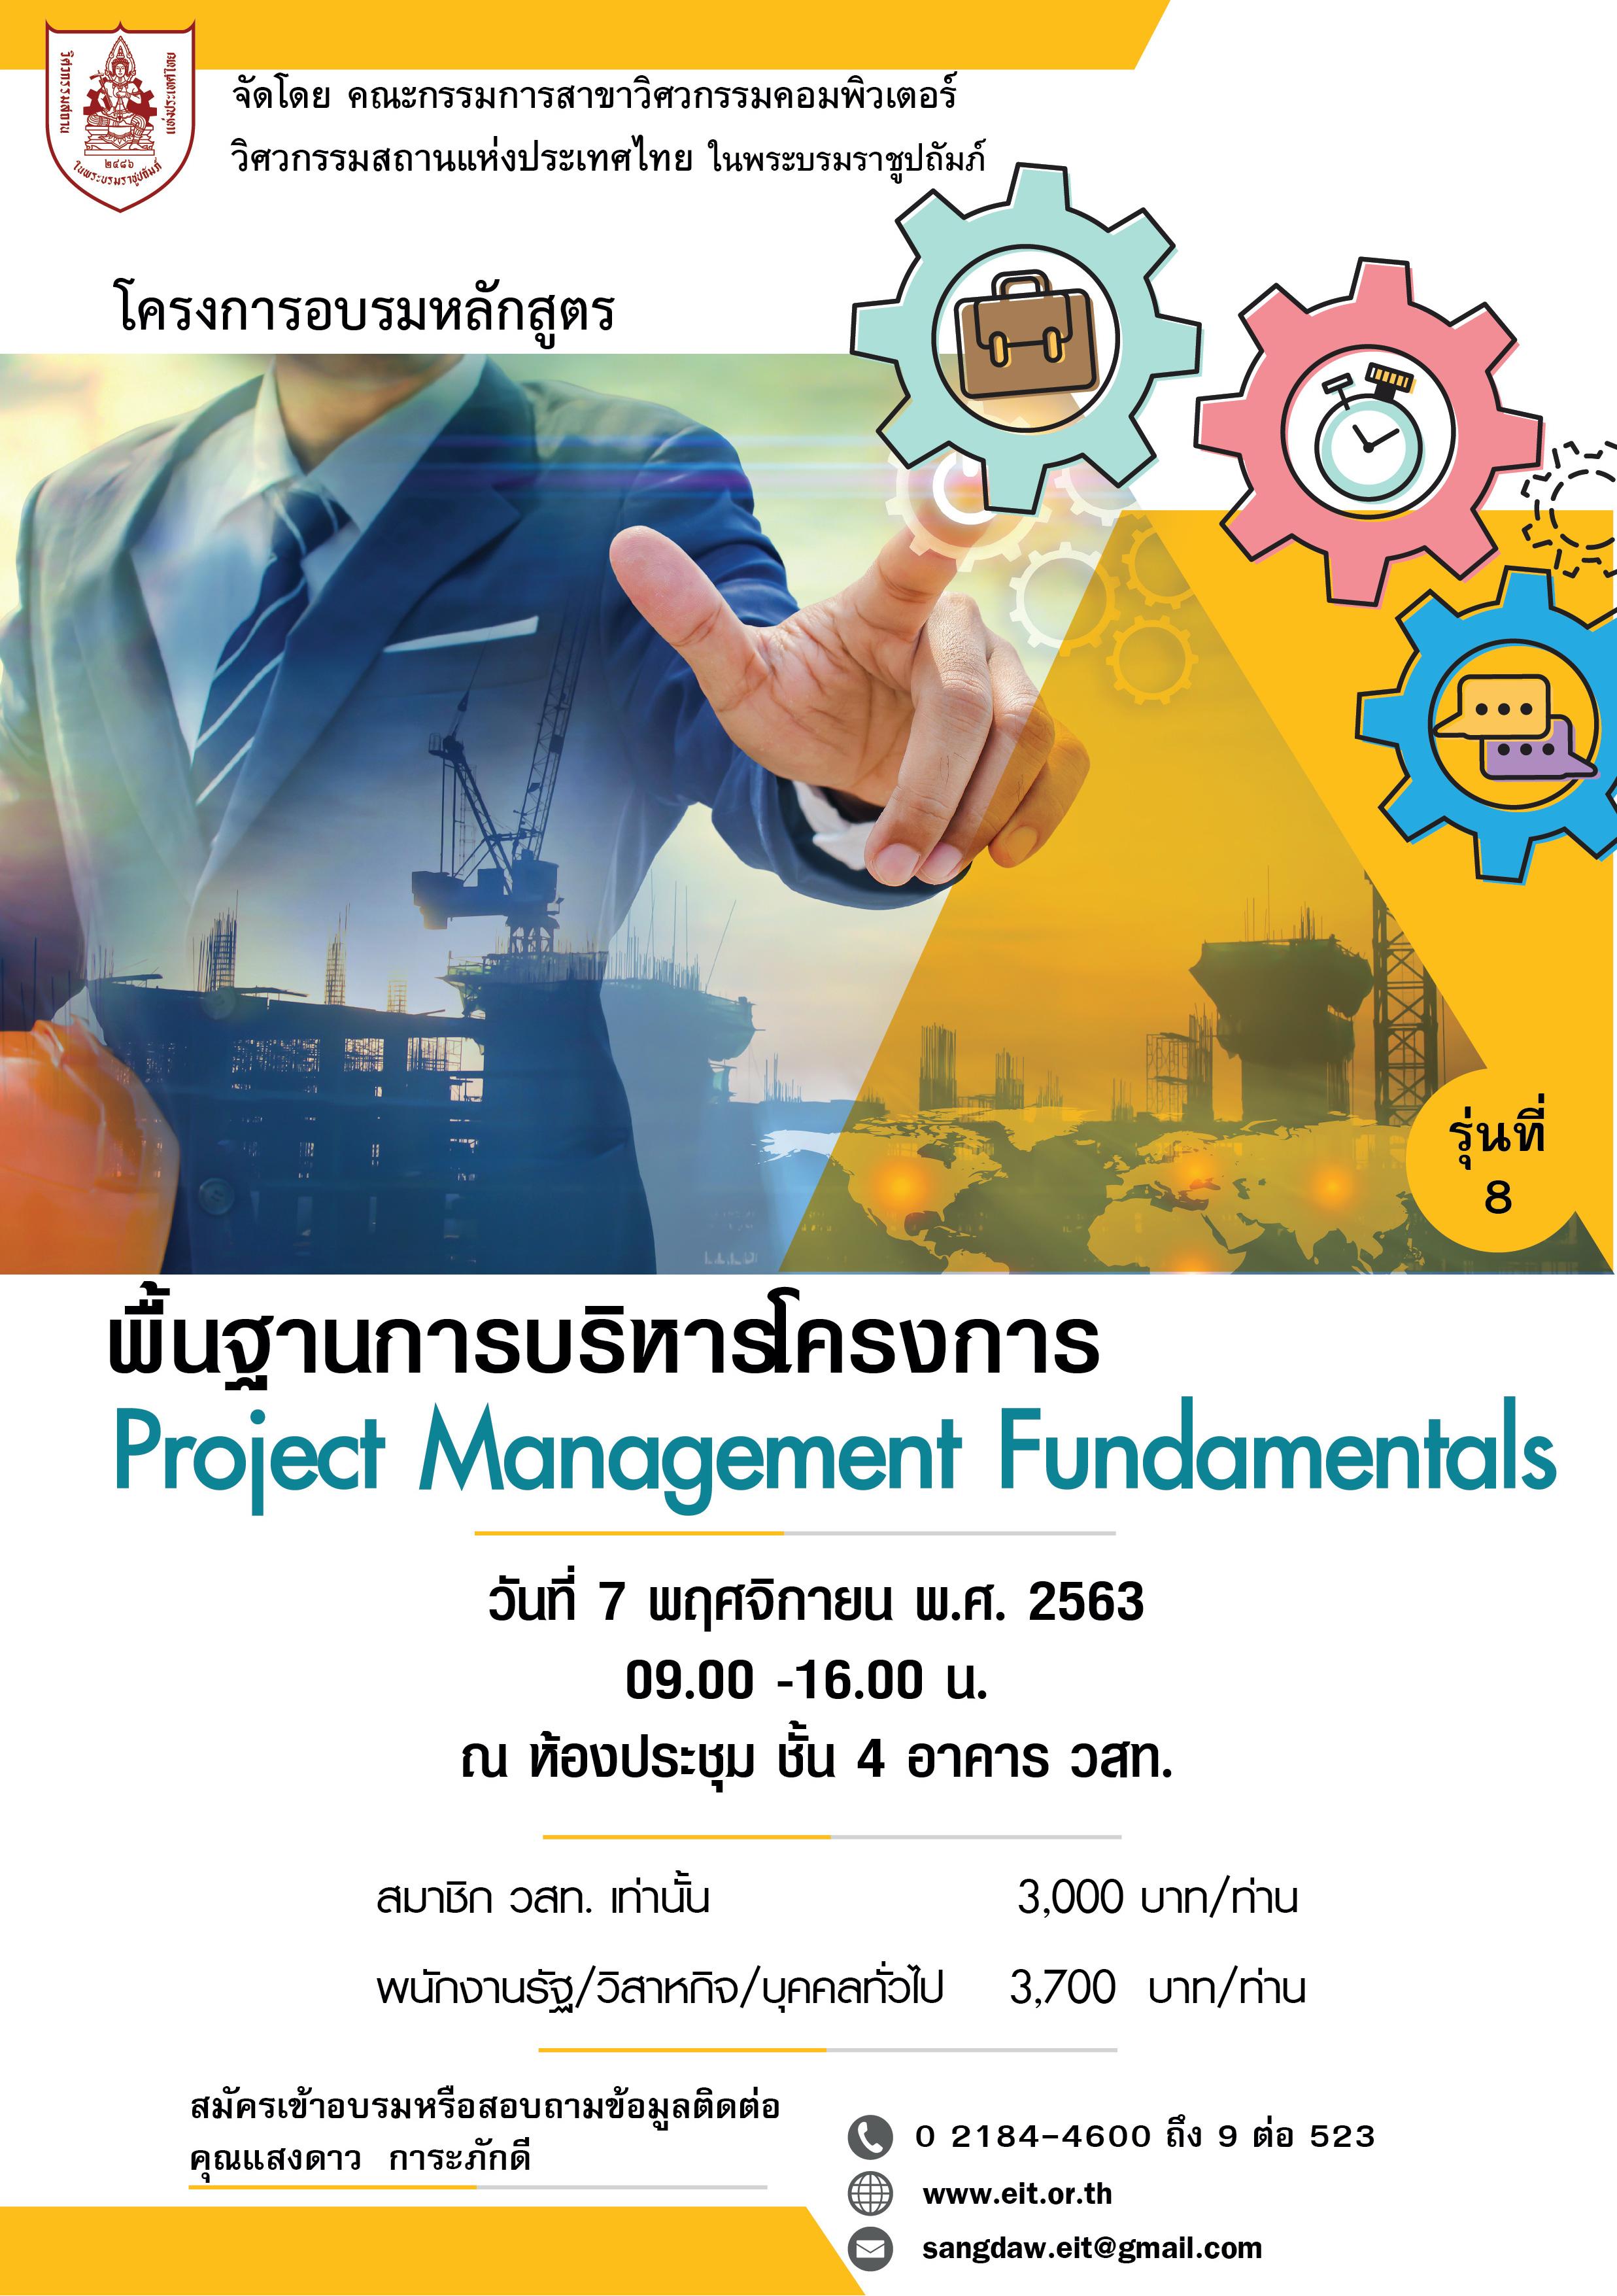 7/11/2563พื้นฐานการบริหารโครงการ   (Project Management Fundamentals)  รุ่นที่ 8 (เลื่อนมาจากวันที่ 16 กันยายน 2563)